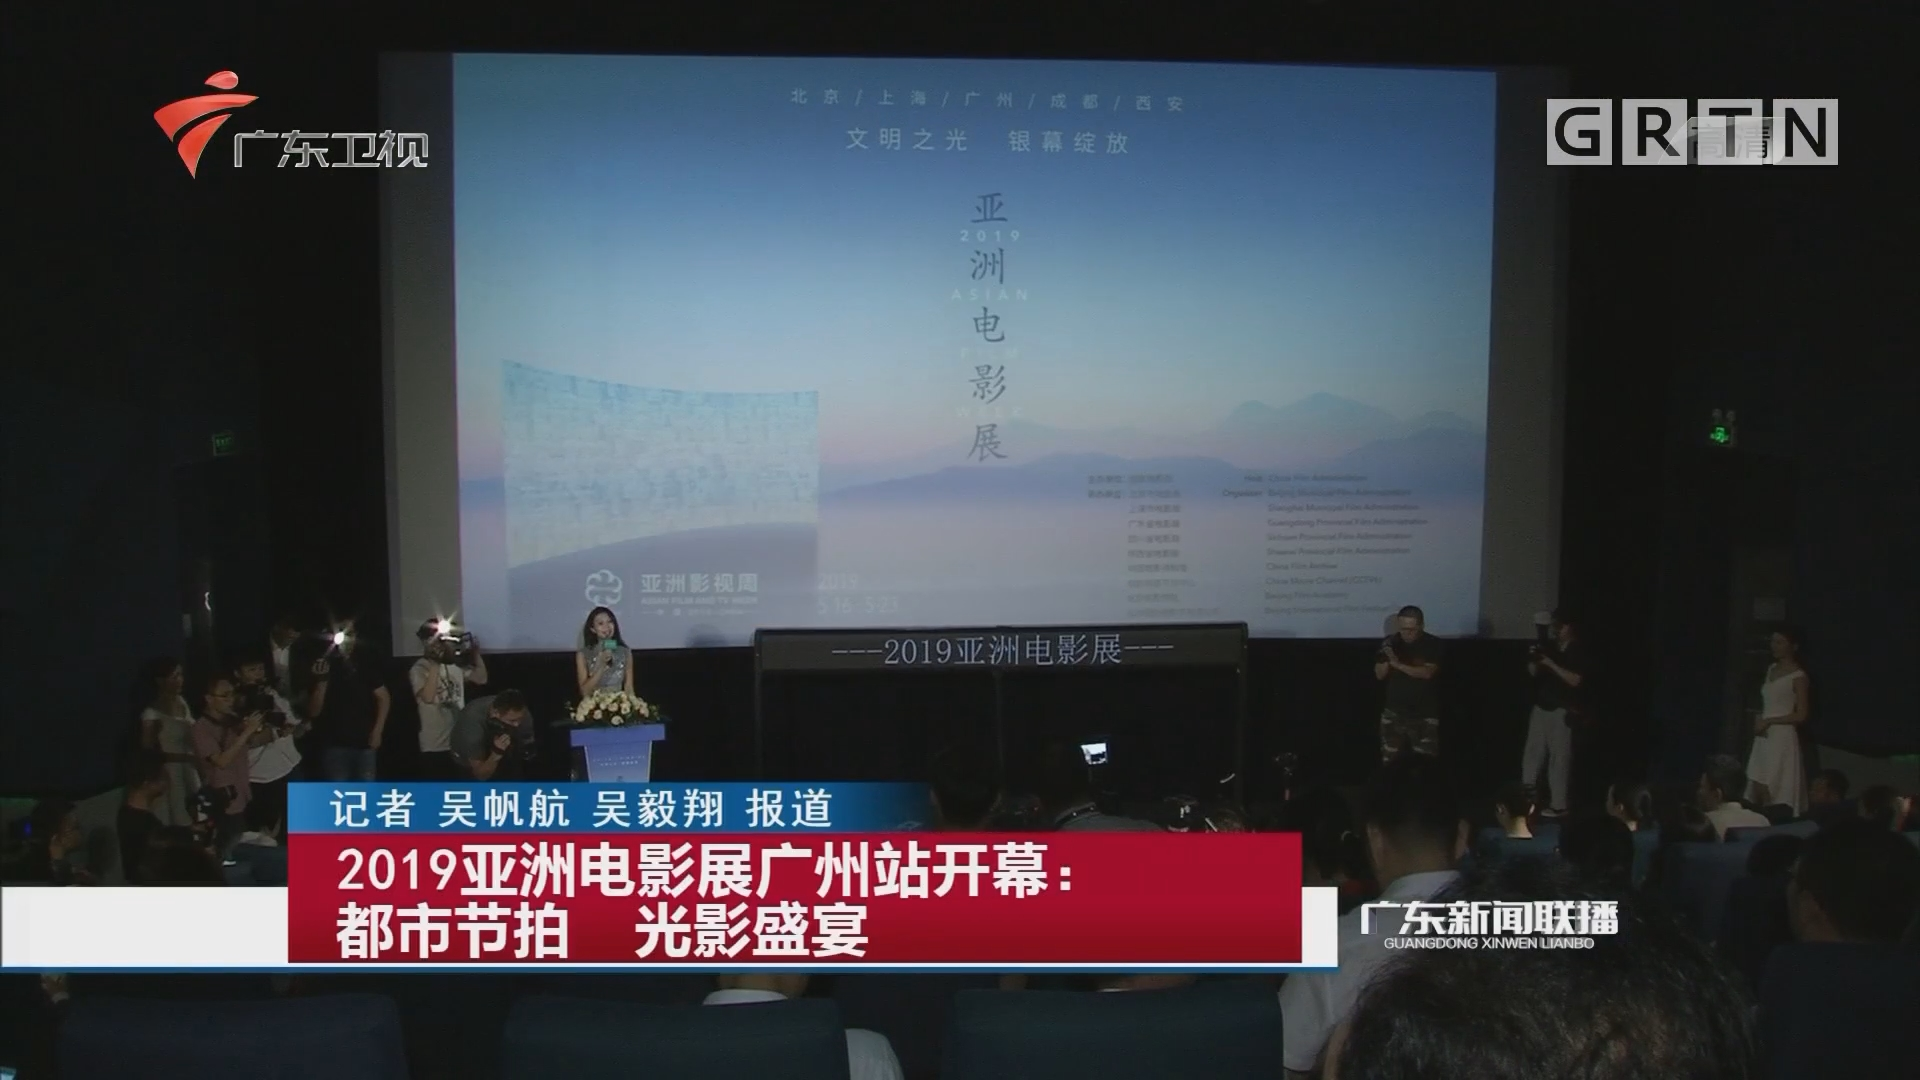 2019亚洲电影展广州站开幕:都市节拍 光影盛宴